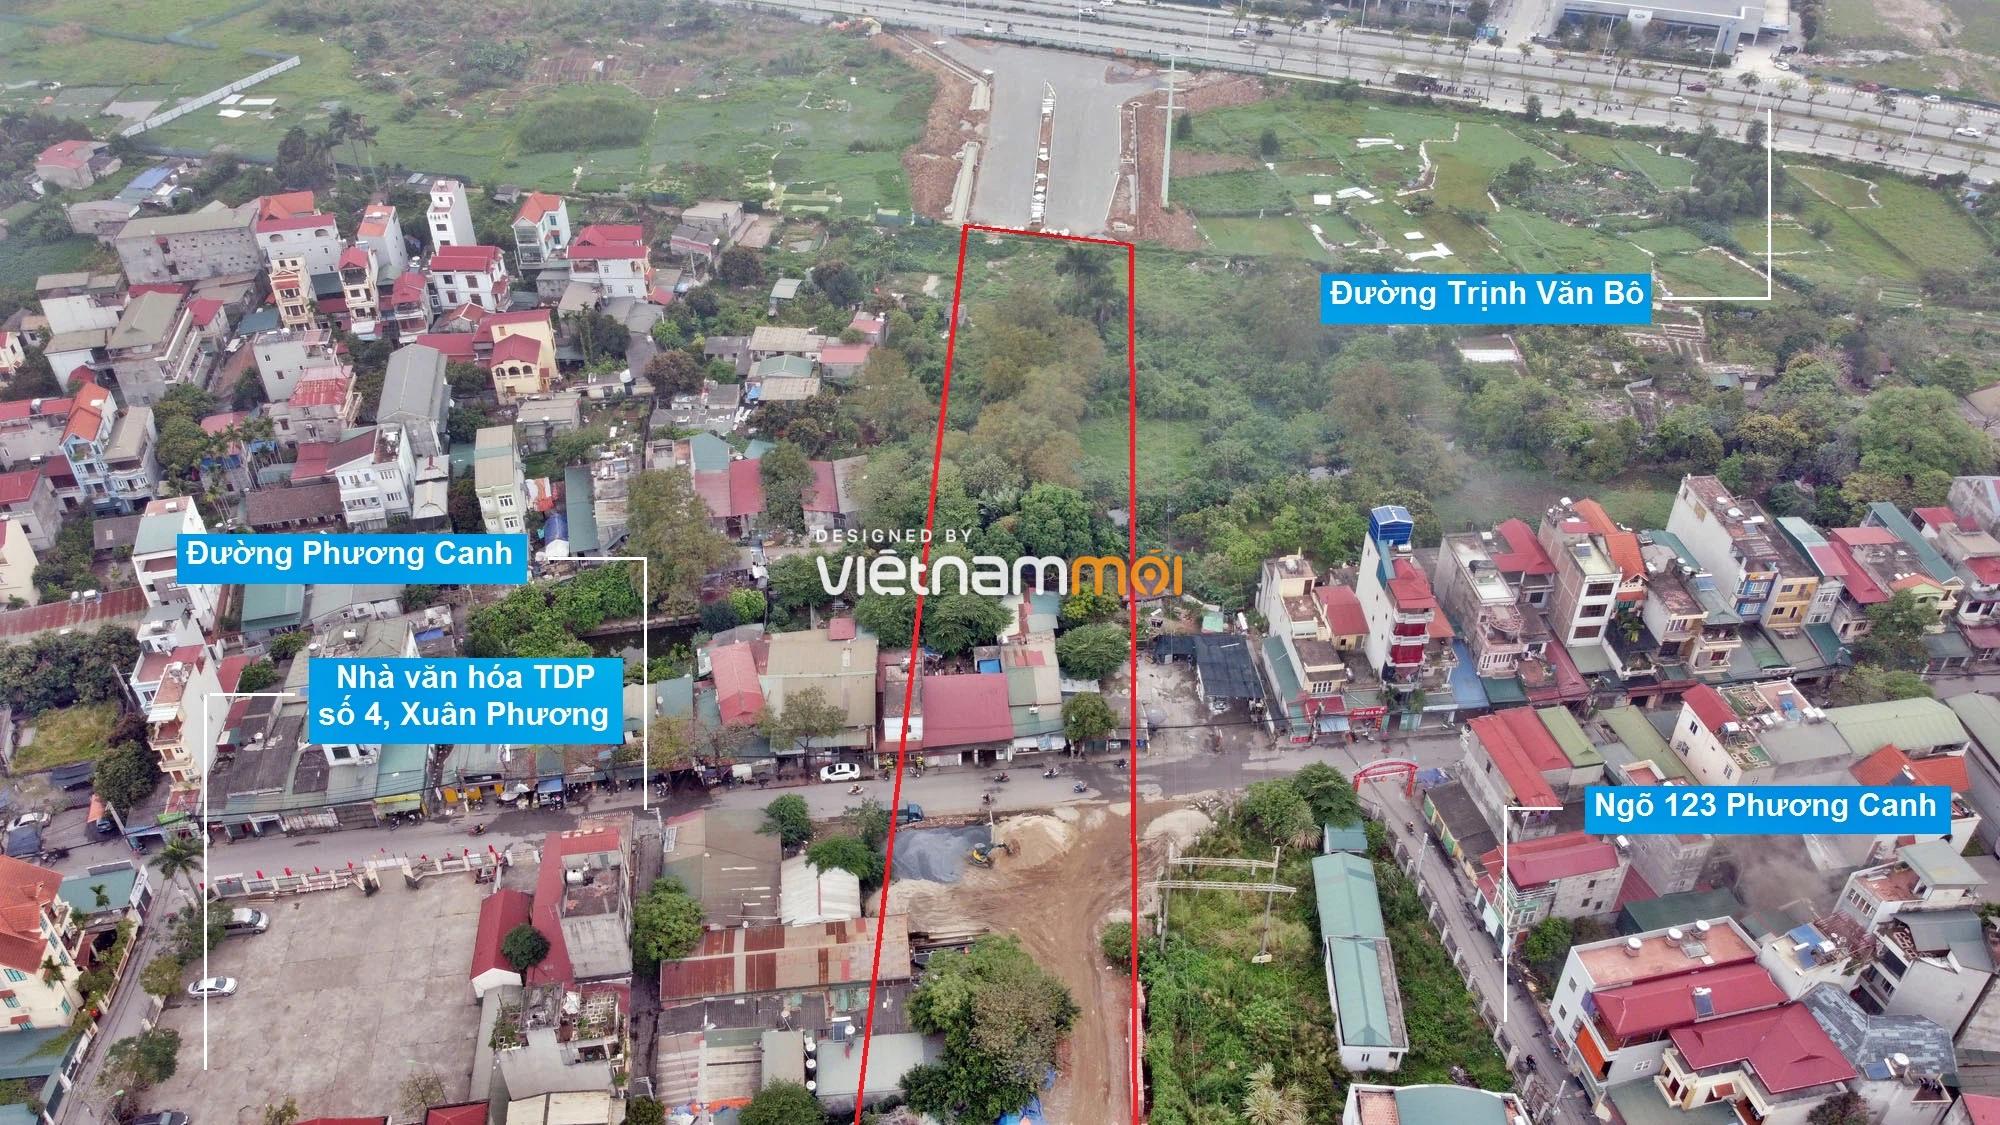 Những khu đất sắp thu hồi để mở đường ở phường Xuân Phương, Nam Từ Liêm, Hà Nội (phần 1) - Ảnh 5.